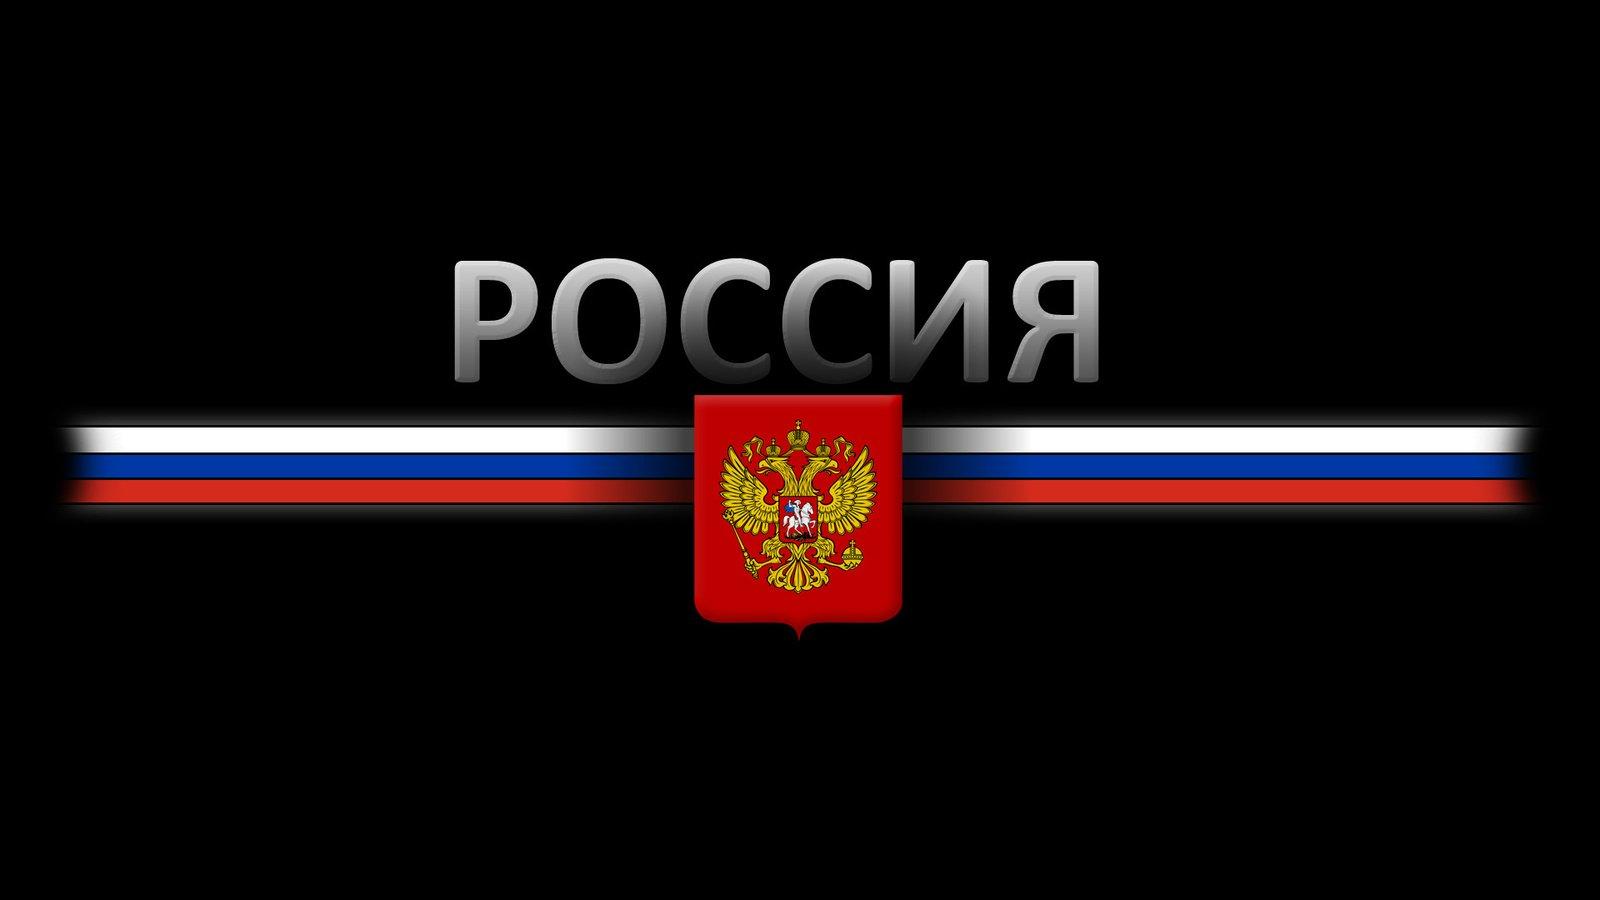 Обои для рабочего стола с символикой россии